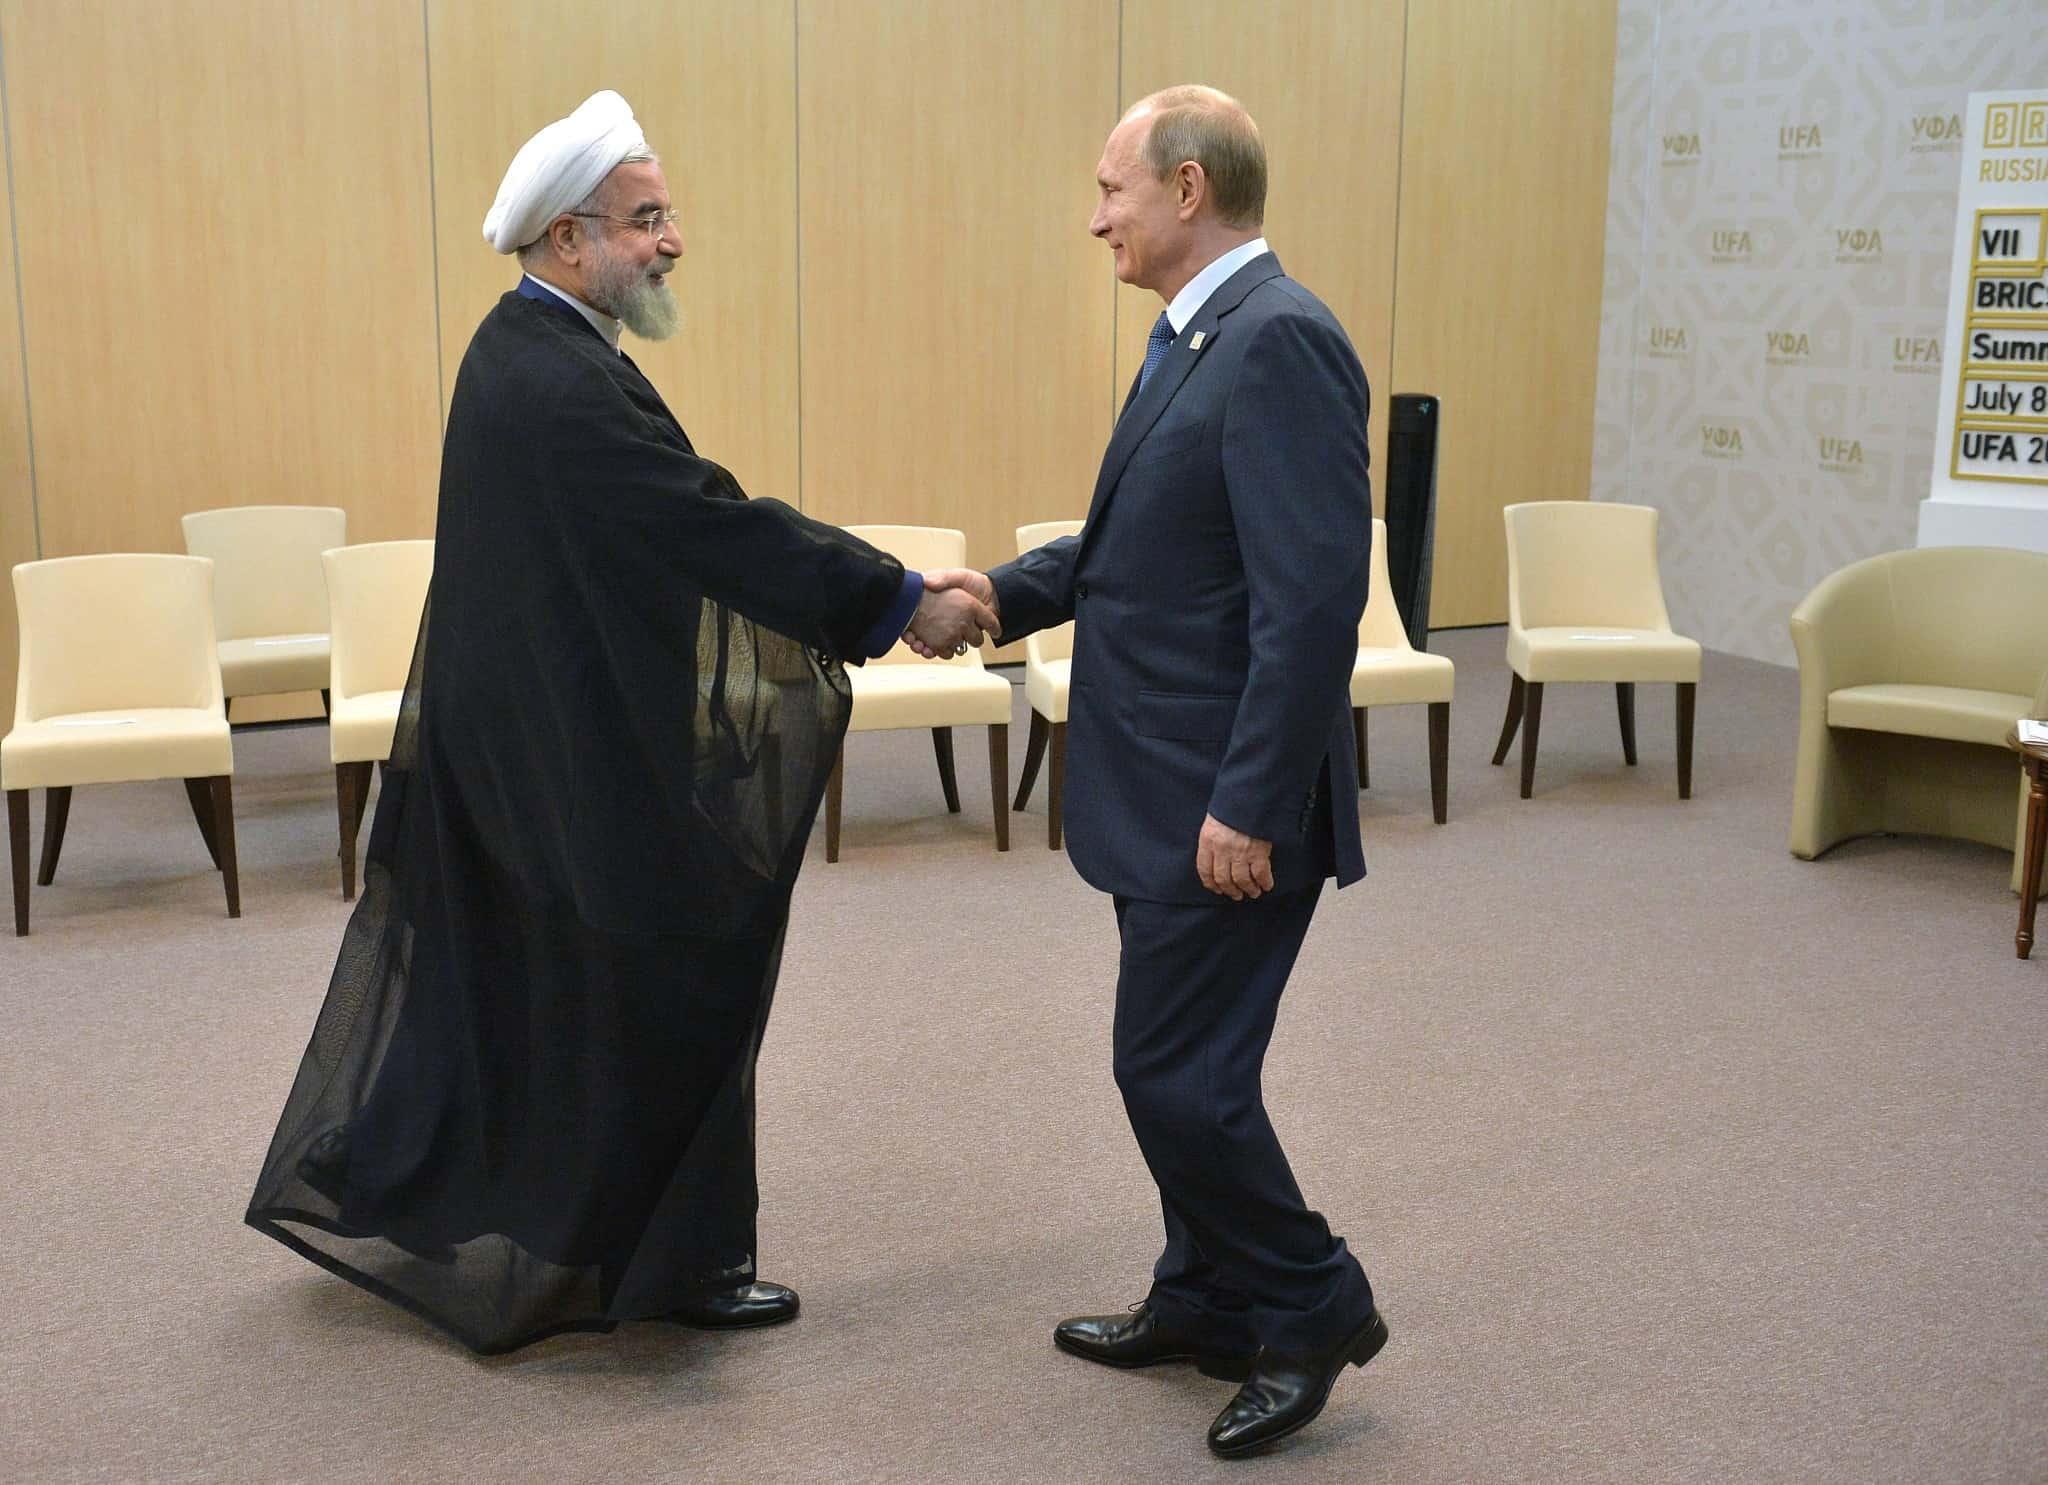 נשיא איראן רוחאני ונשיא רוסיה פוטין בעת ביקור רוחאני במוסקבה (צילום: אלכסיי דרוזינין RIA נובוסטי, דרך AP)